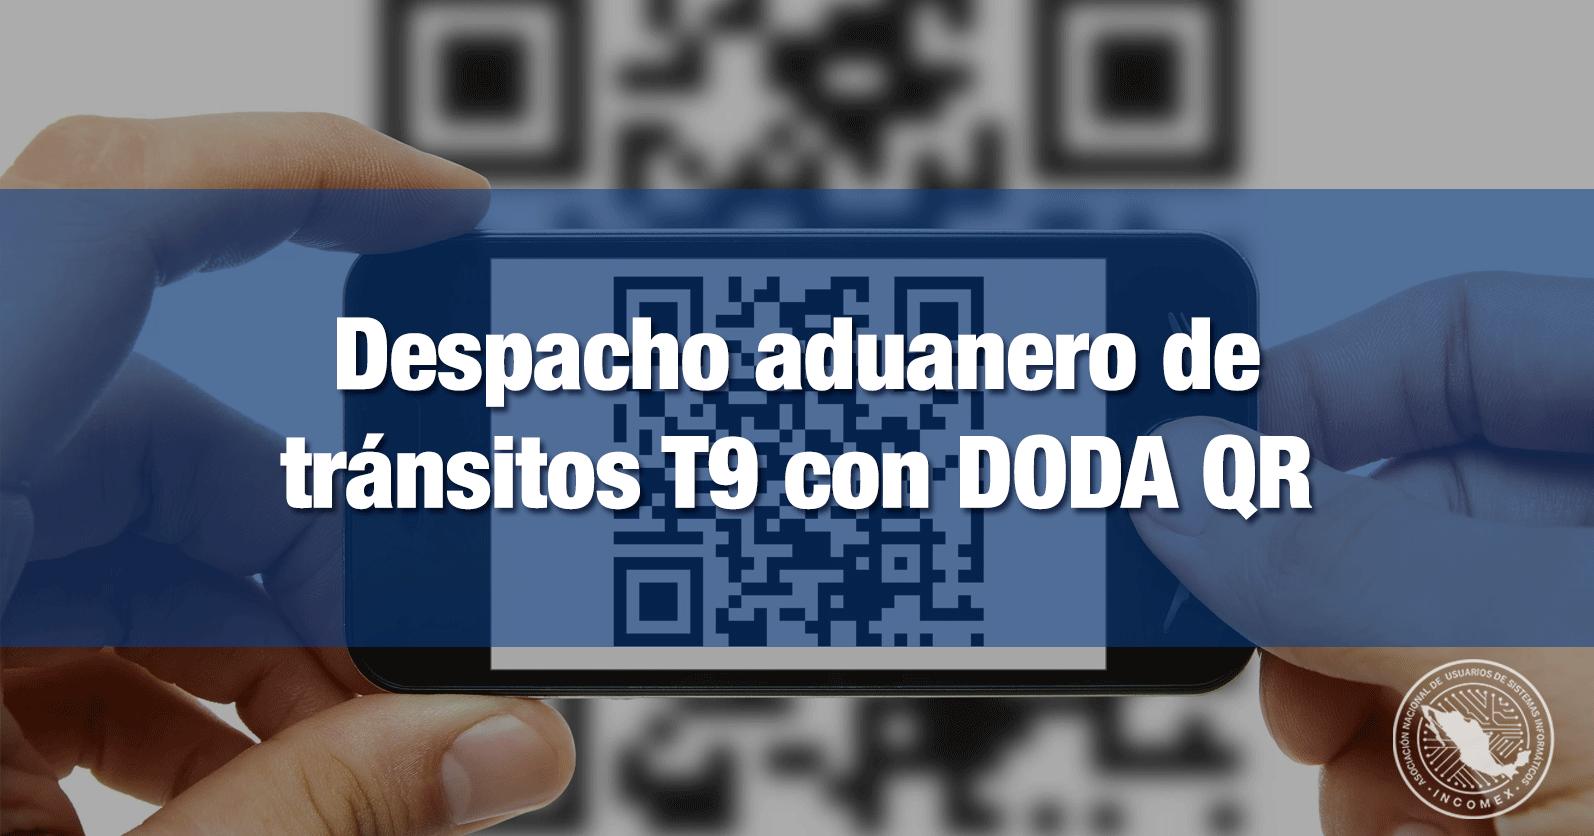 Despacho aduanero de tránsitos T9 con DODA QR